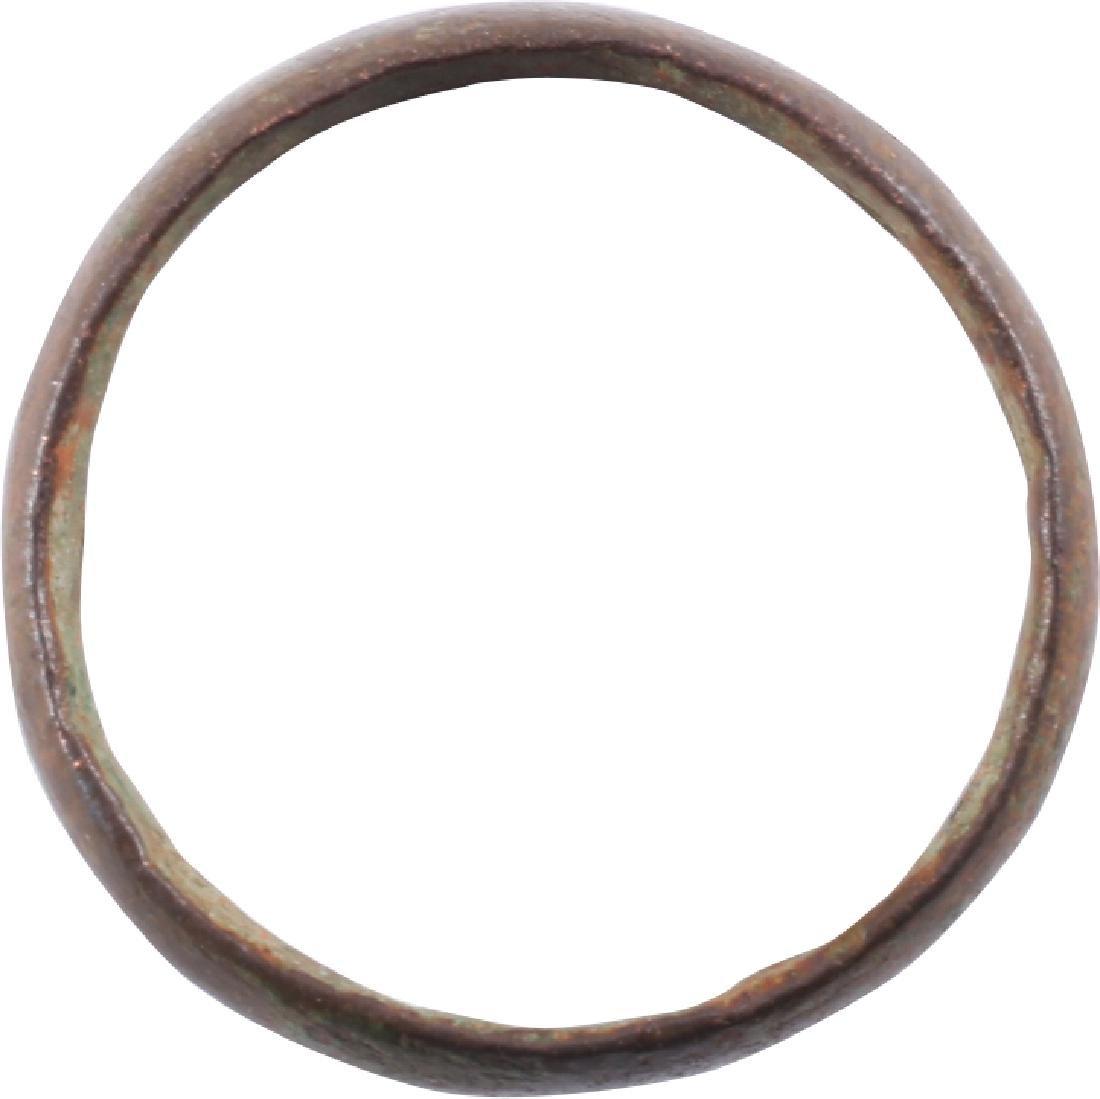 Viking Man's Wedding Ring 850-1050 AD - 2